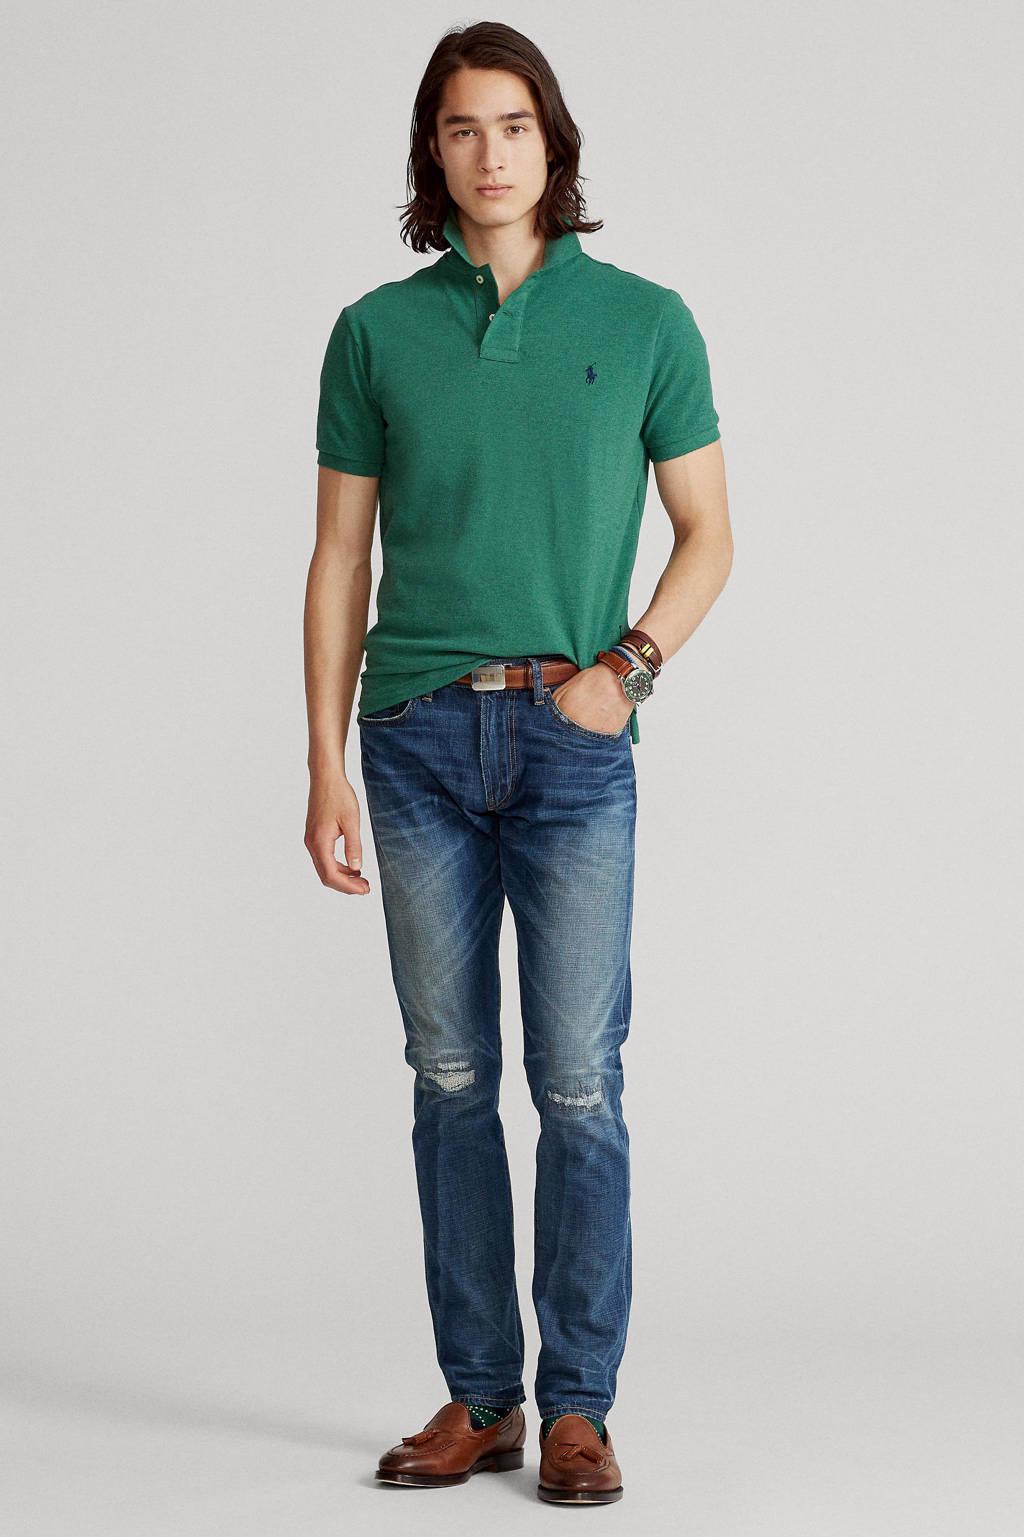 POLO Ralph Lauren slim fit polo verano green, Verano Green